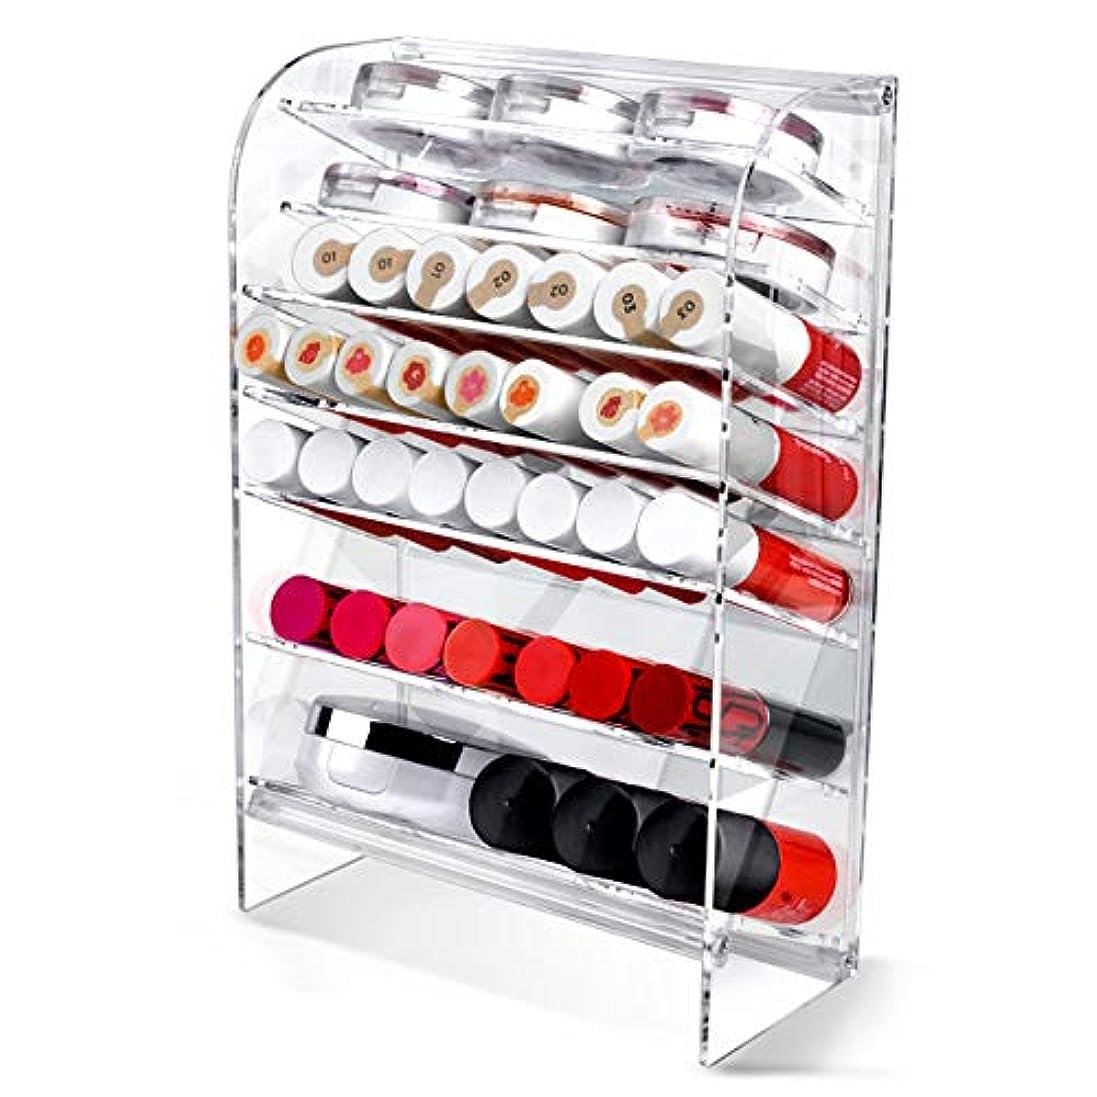 熱心な国委員長Acrylic アクリル DIY Cosmetic 透明 コスメケース メイクケース メイクボックス 化粧品 入れ コスメ リップスティック 収納 スタンド/Organizer storage For lipstick...